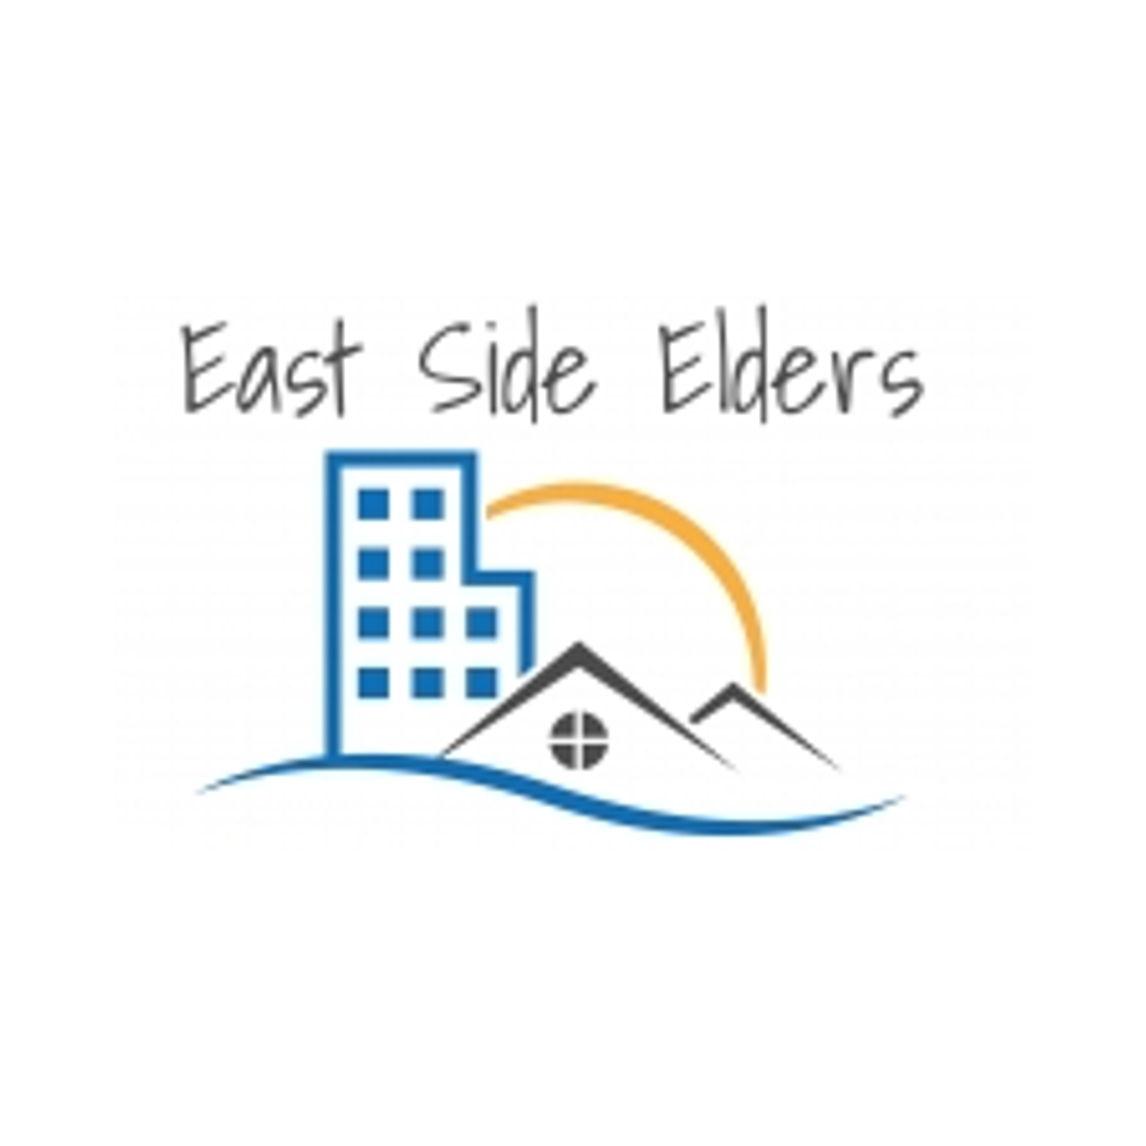 East Side Elders Givemn